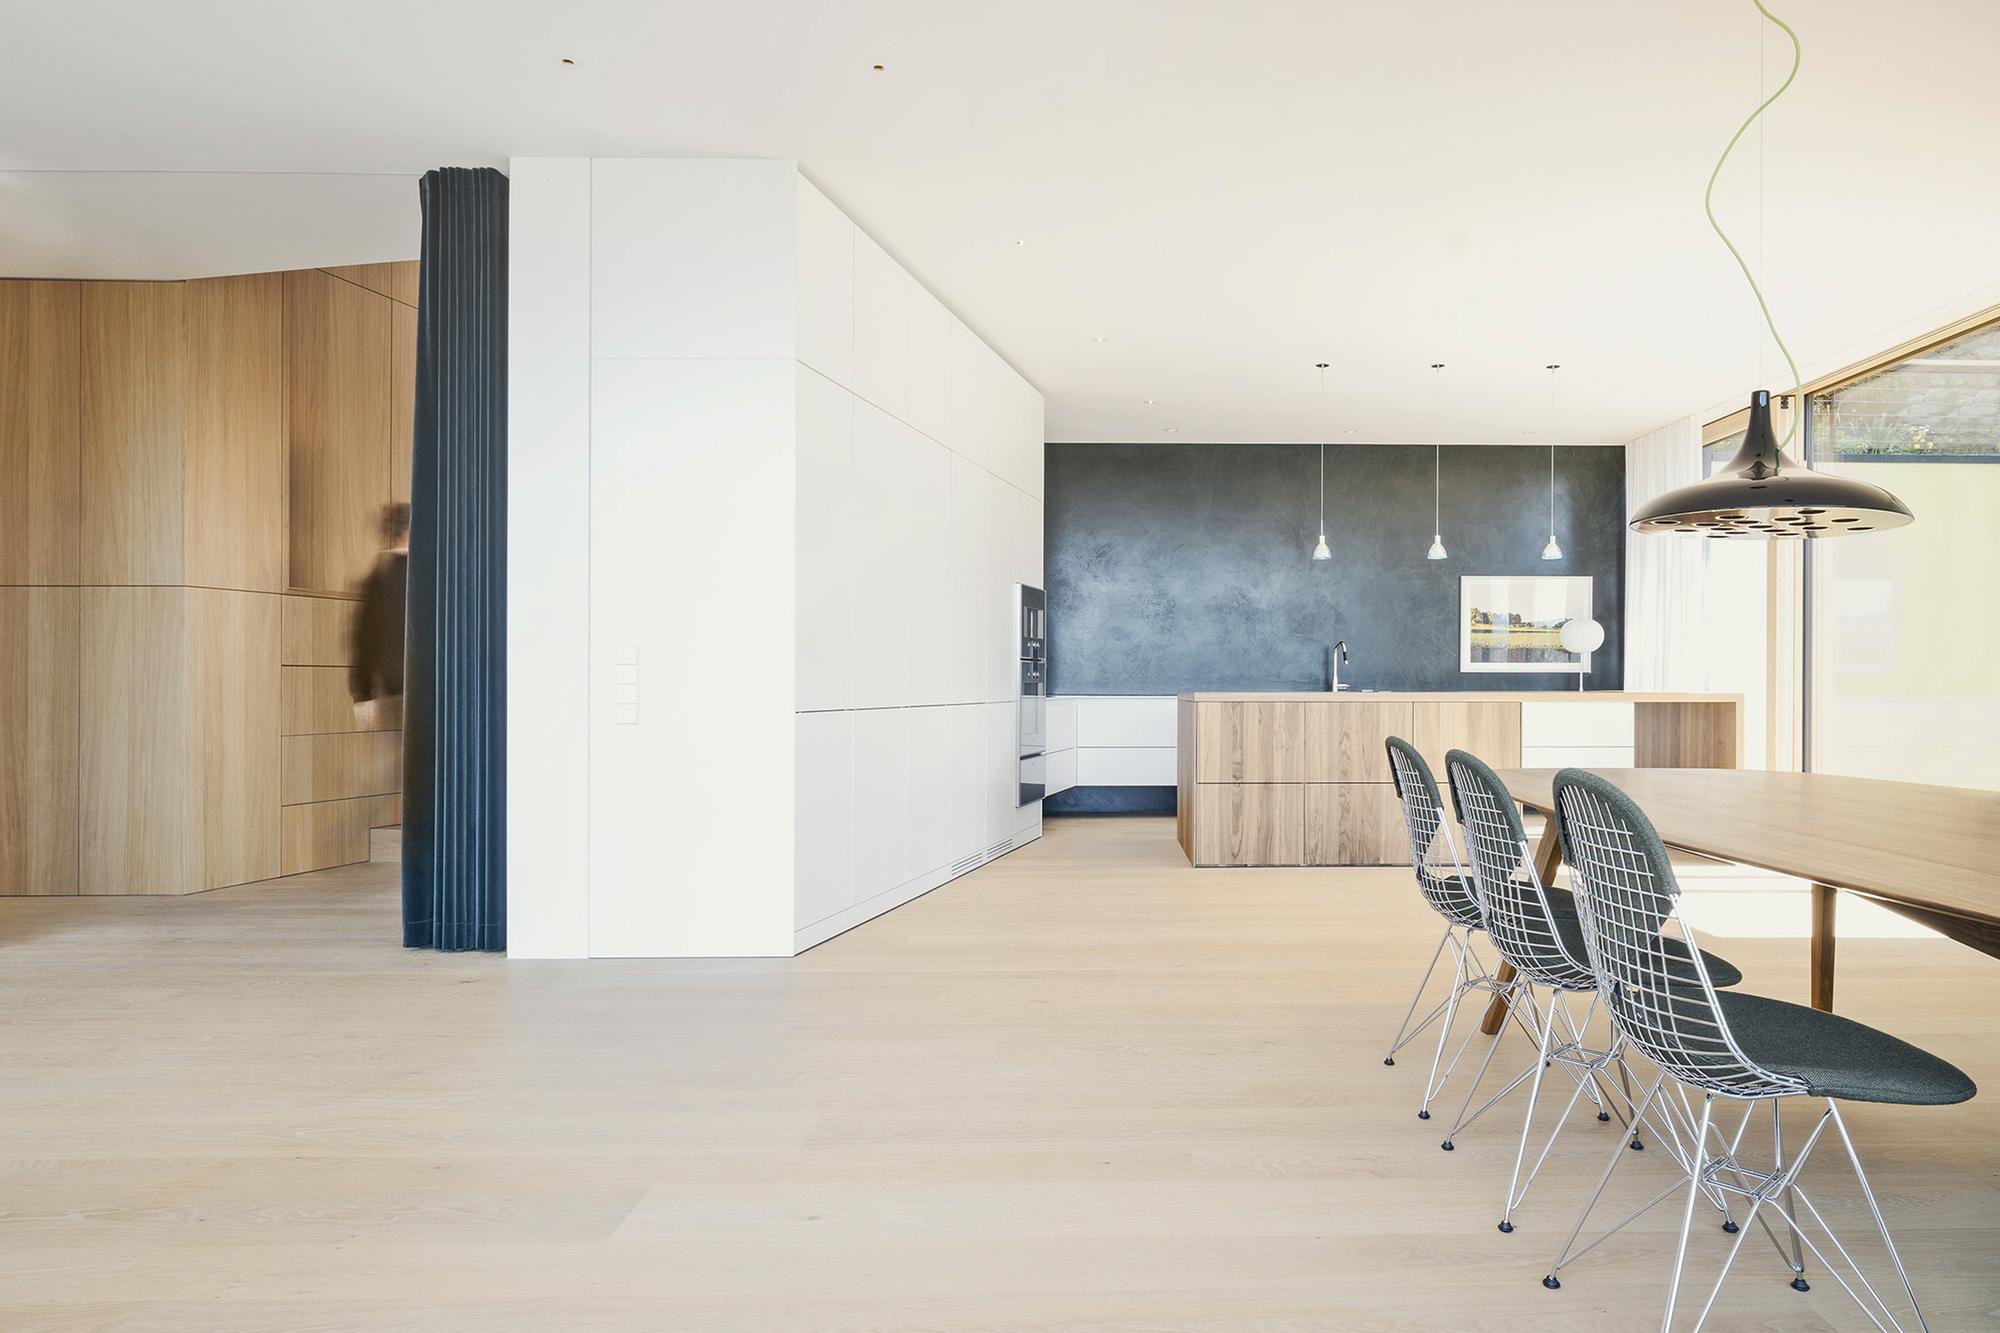 gallery of haus b yonder architektur und design 8. Black Bedroom Furniture Sets. Home Design Ideas